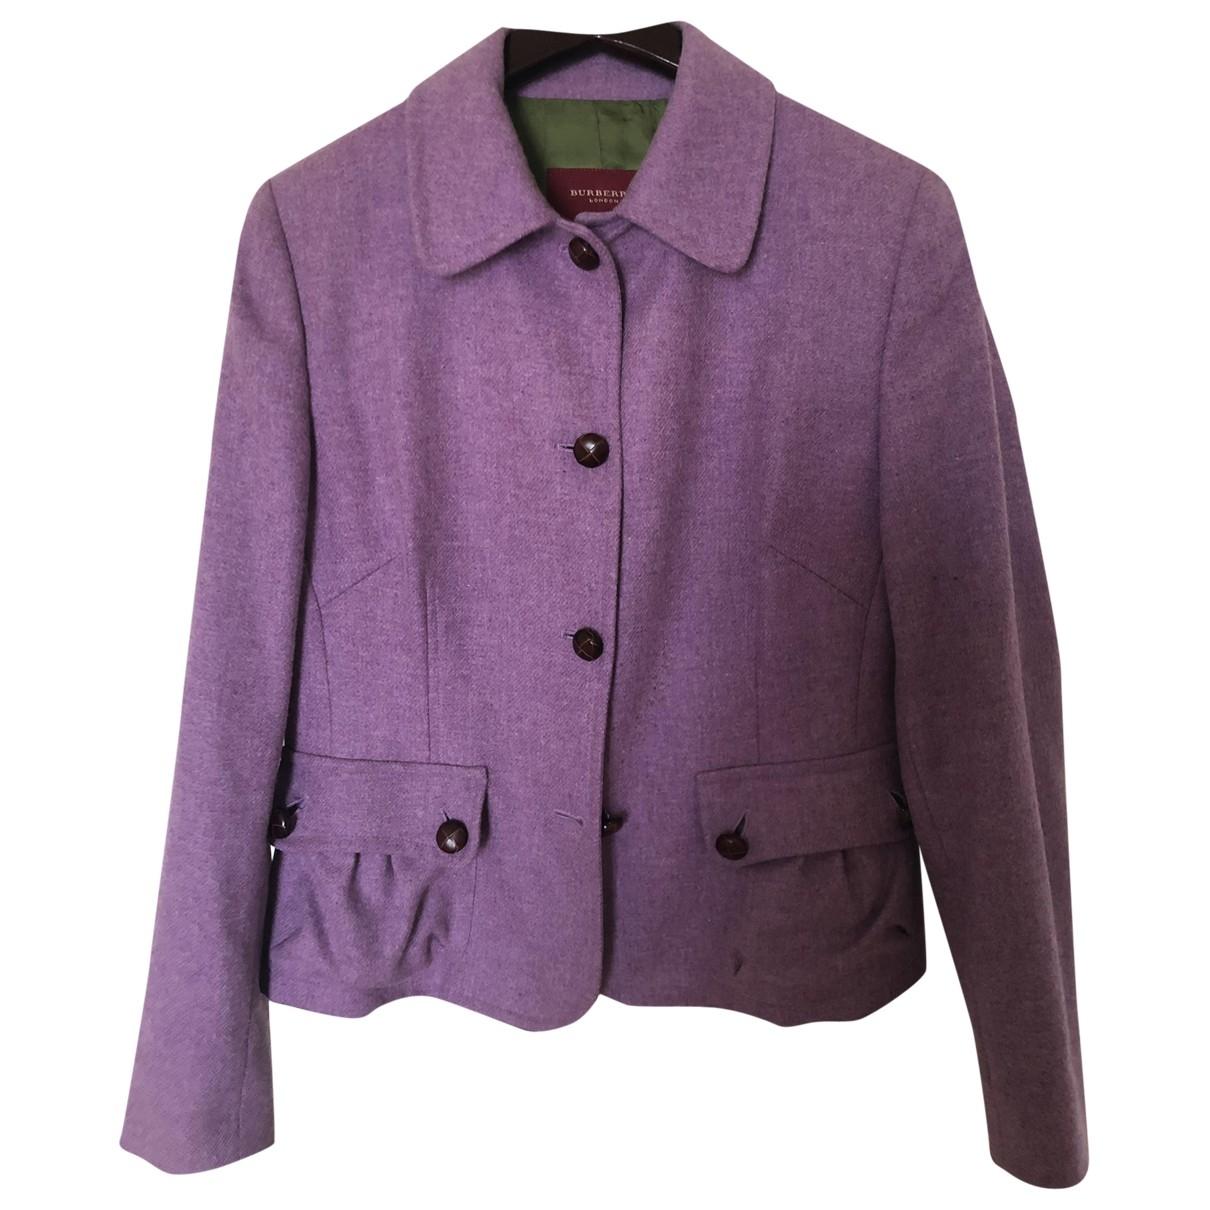 Burberry - Veste   pour femme en laine - violet